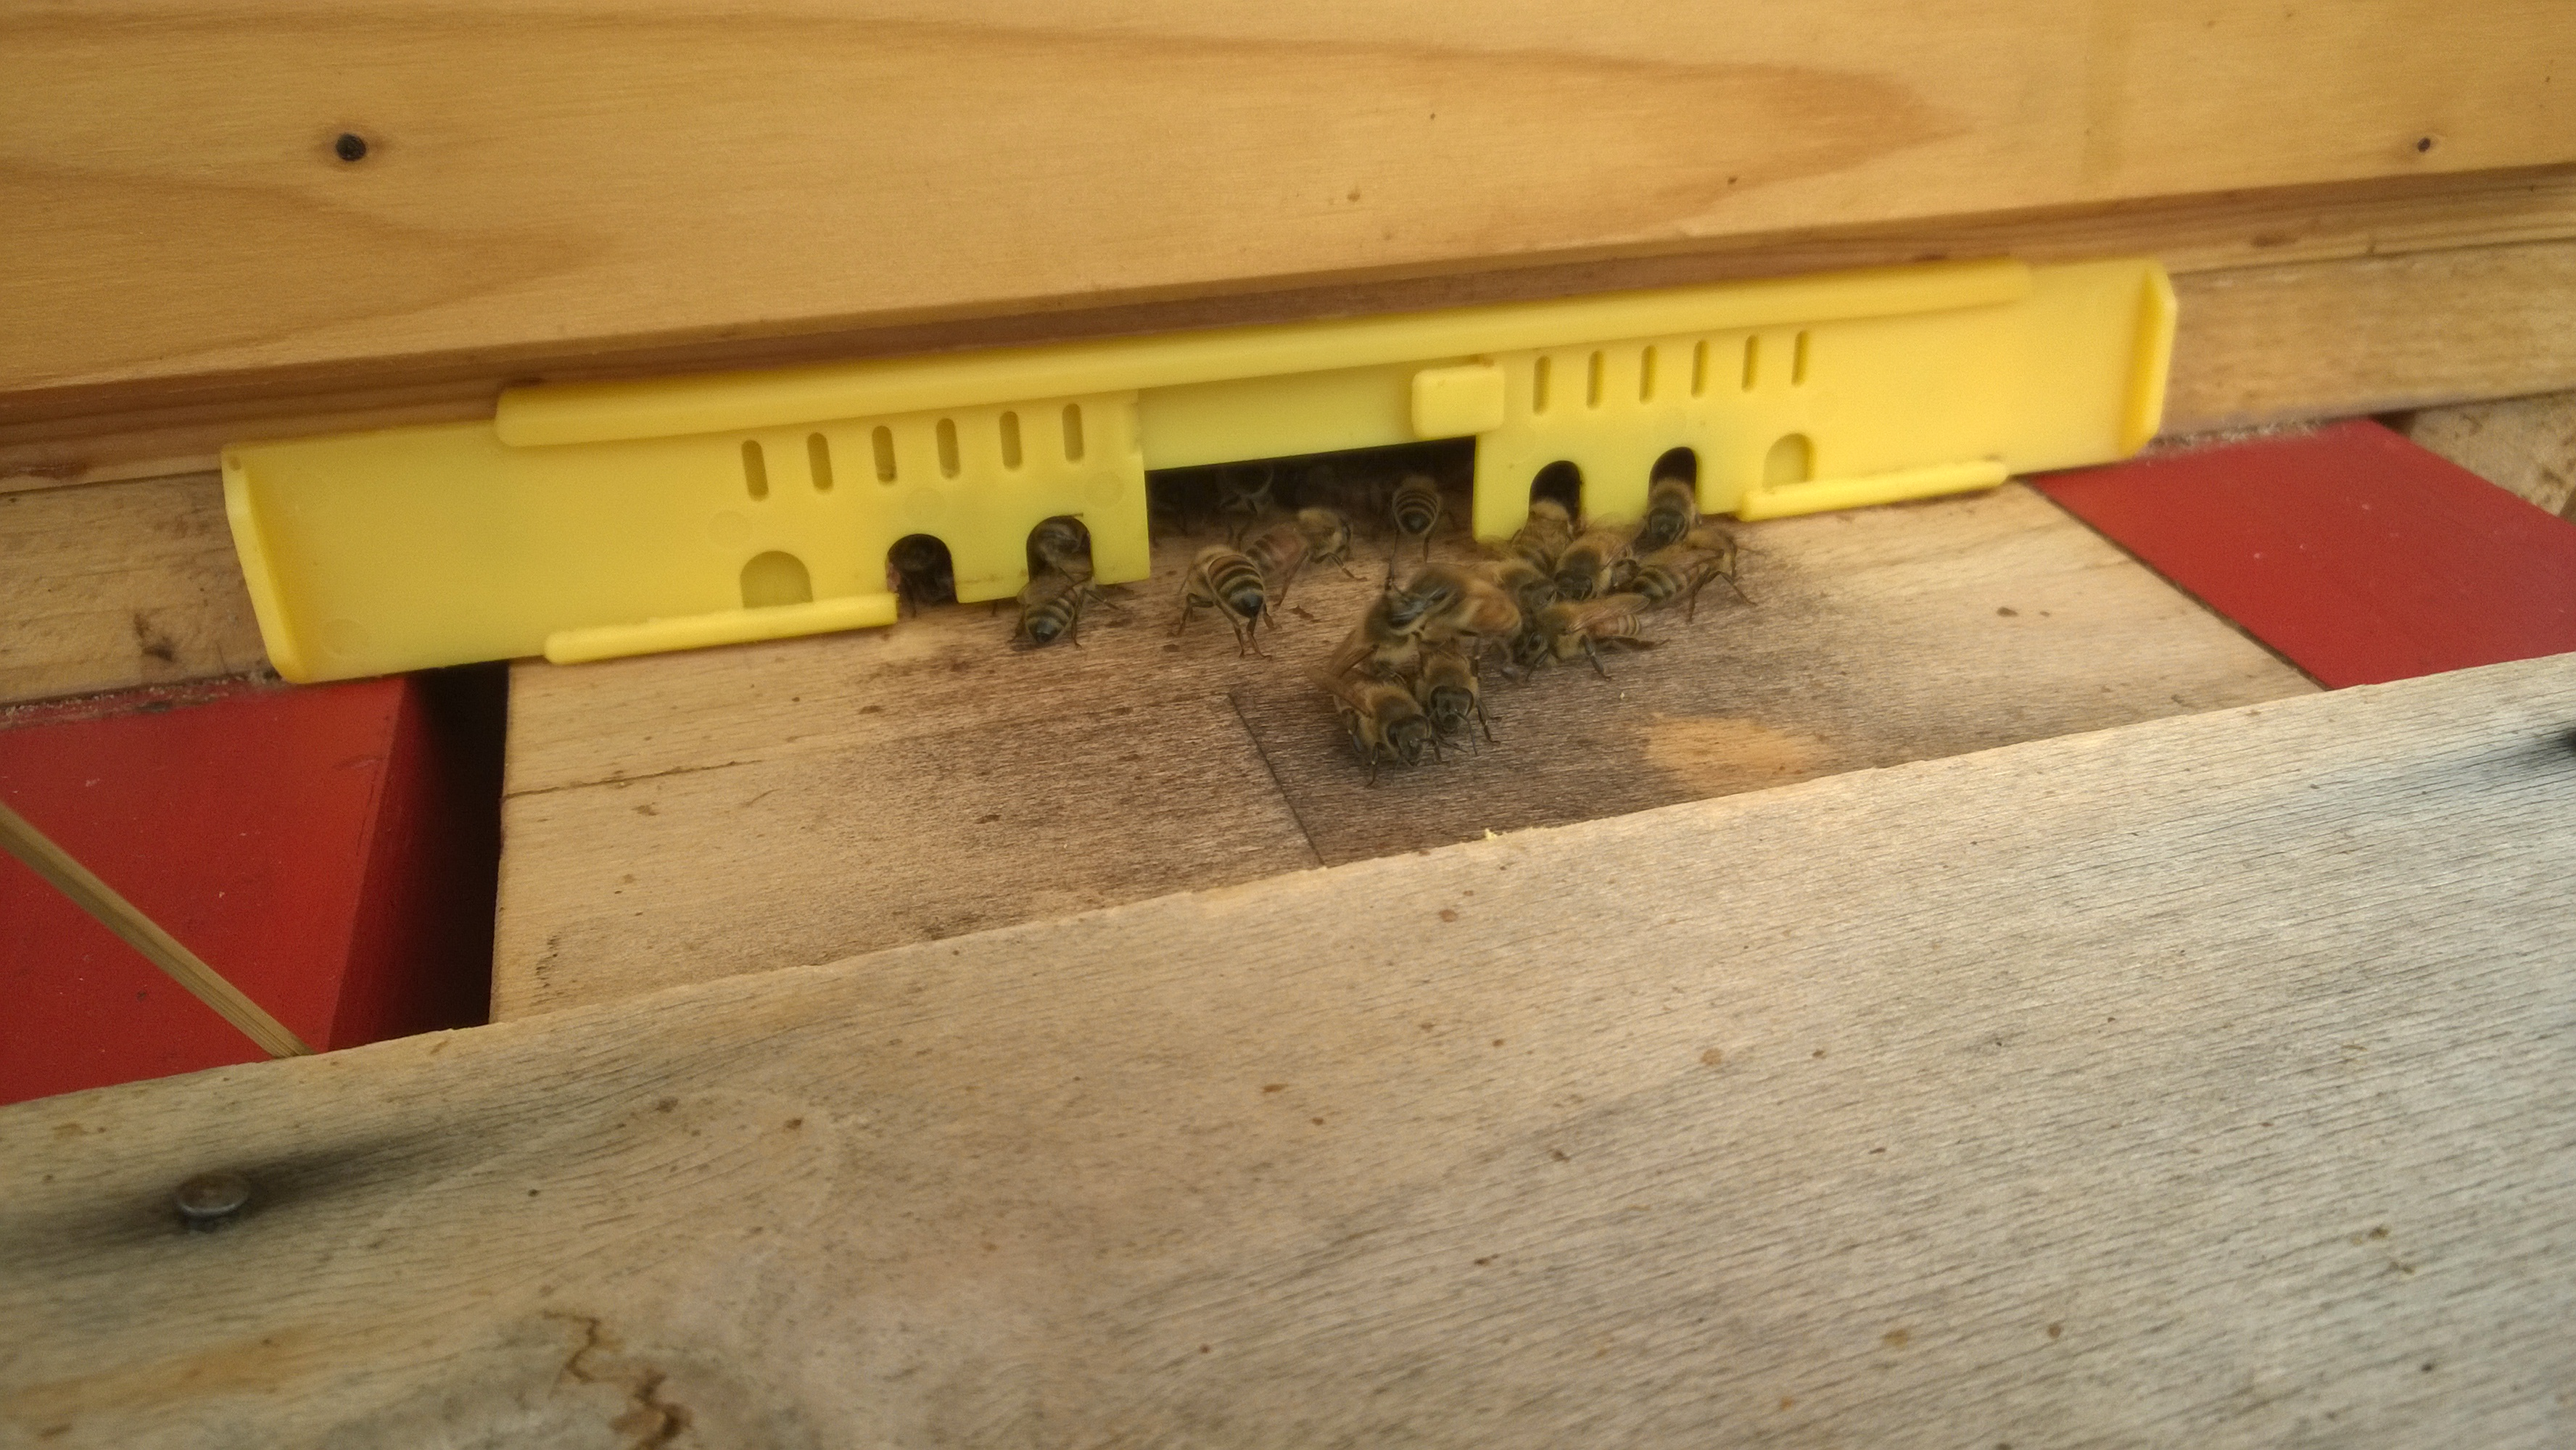 Das Flugloch ist verkleinert, dass die Bienen es ausreichend verteidigen können.